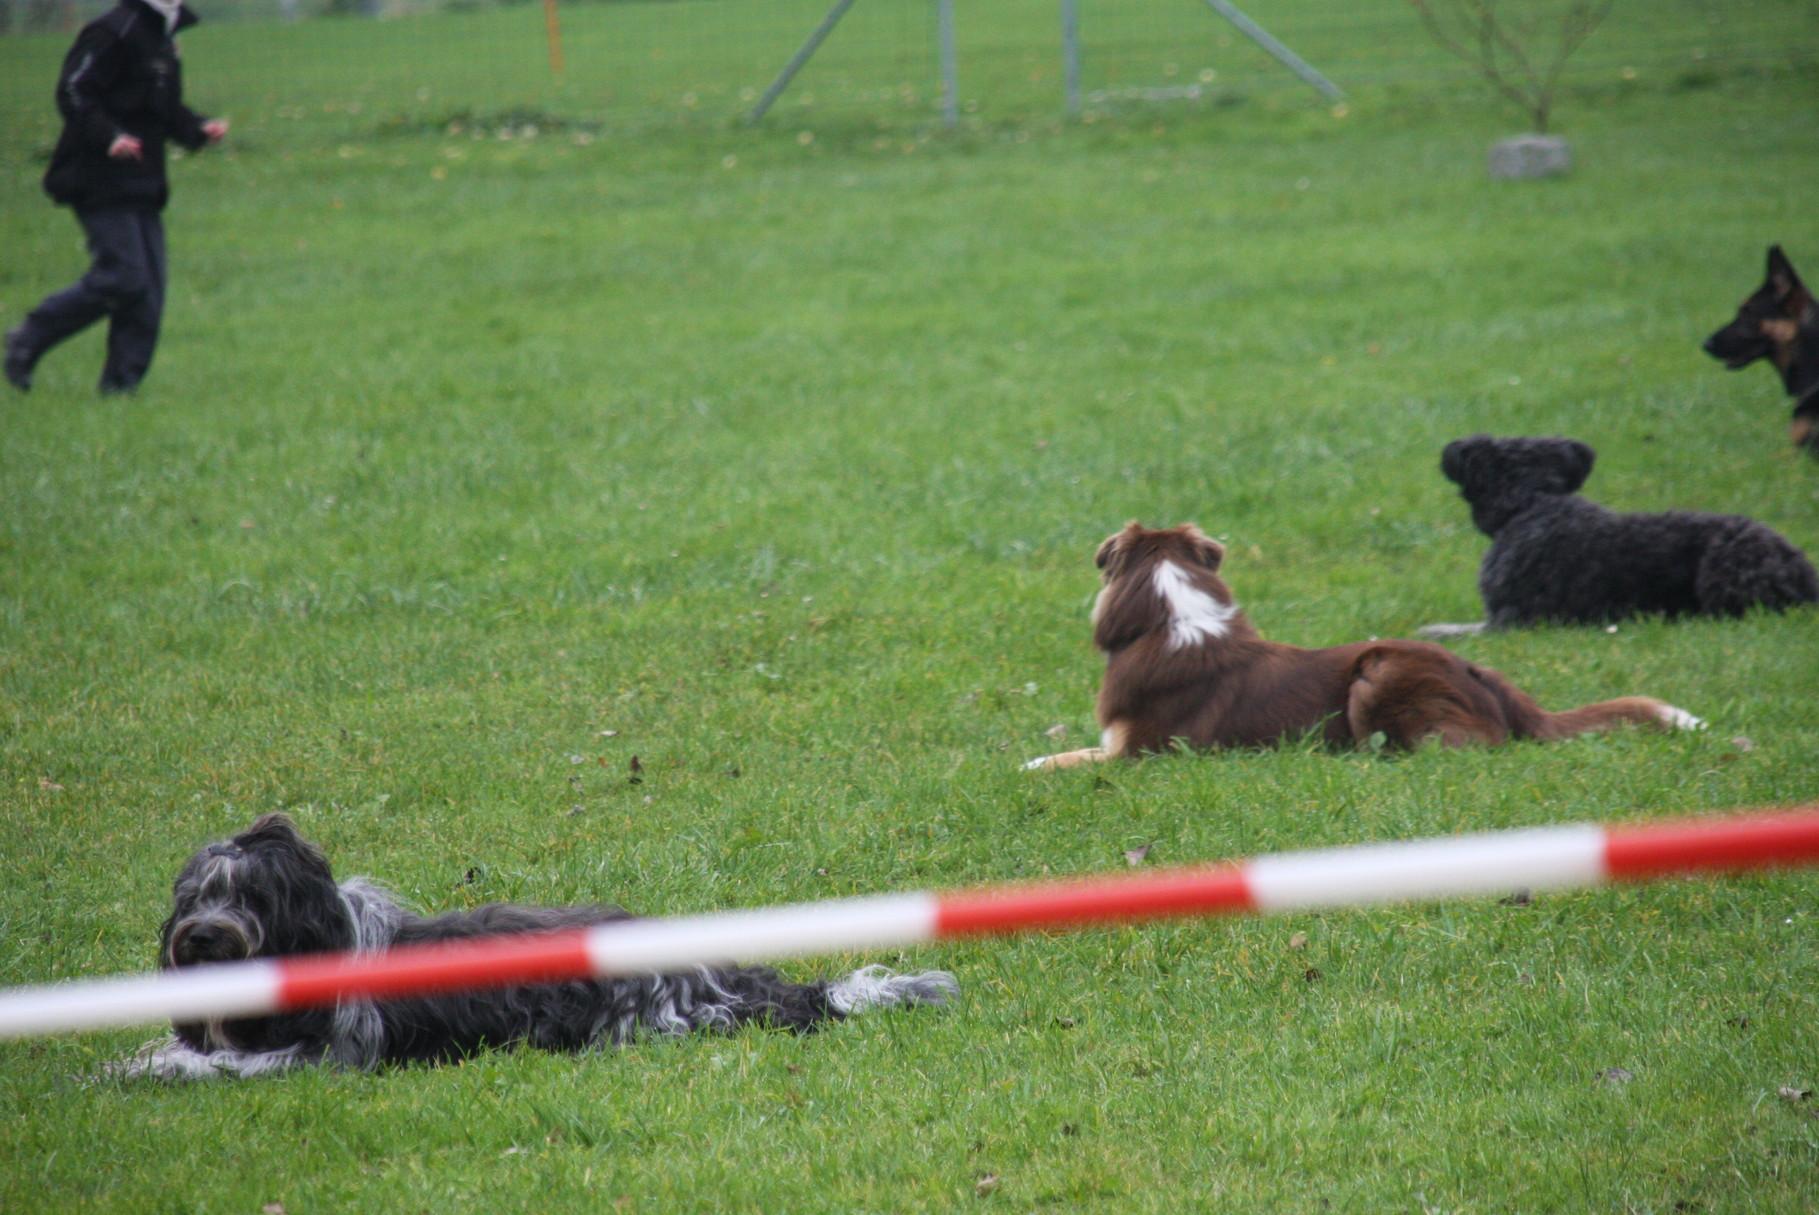 Fünf Minuten müssen die Hunde bleiben. Auch wenn einer aufsteht.